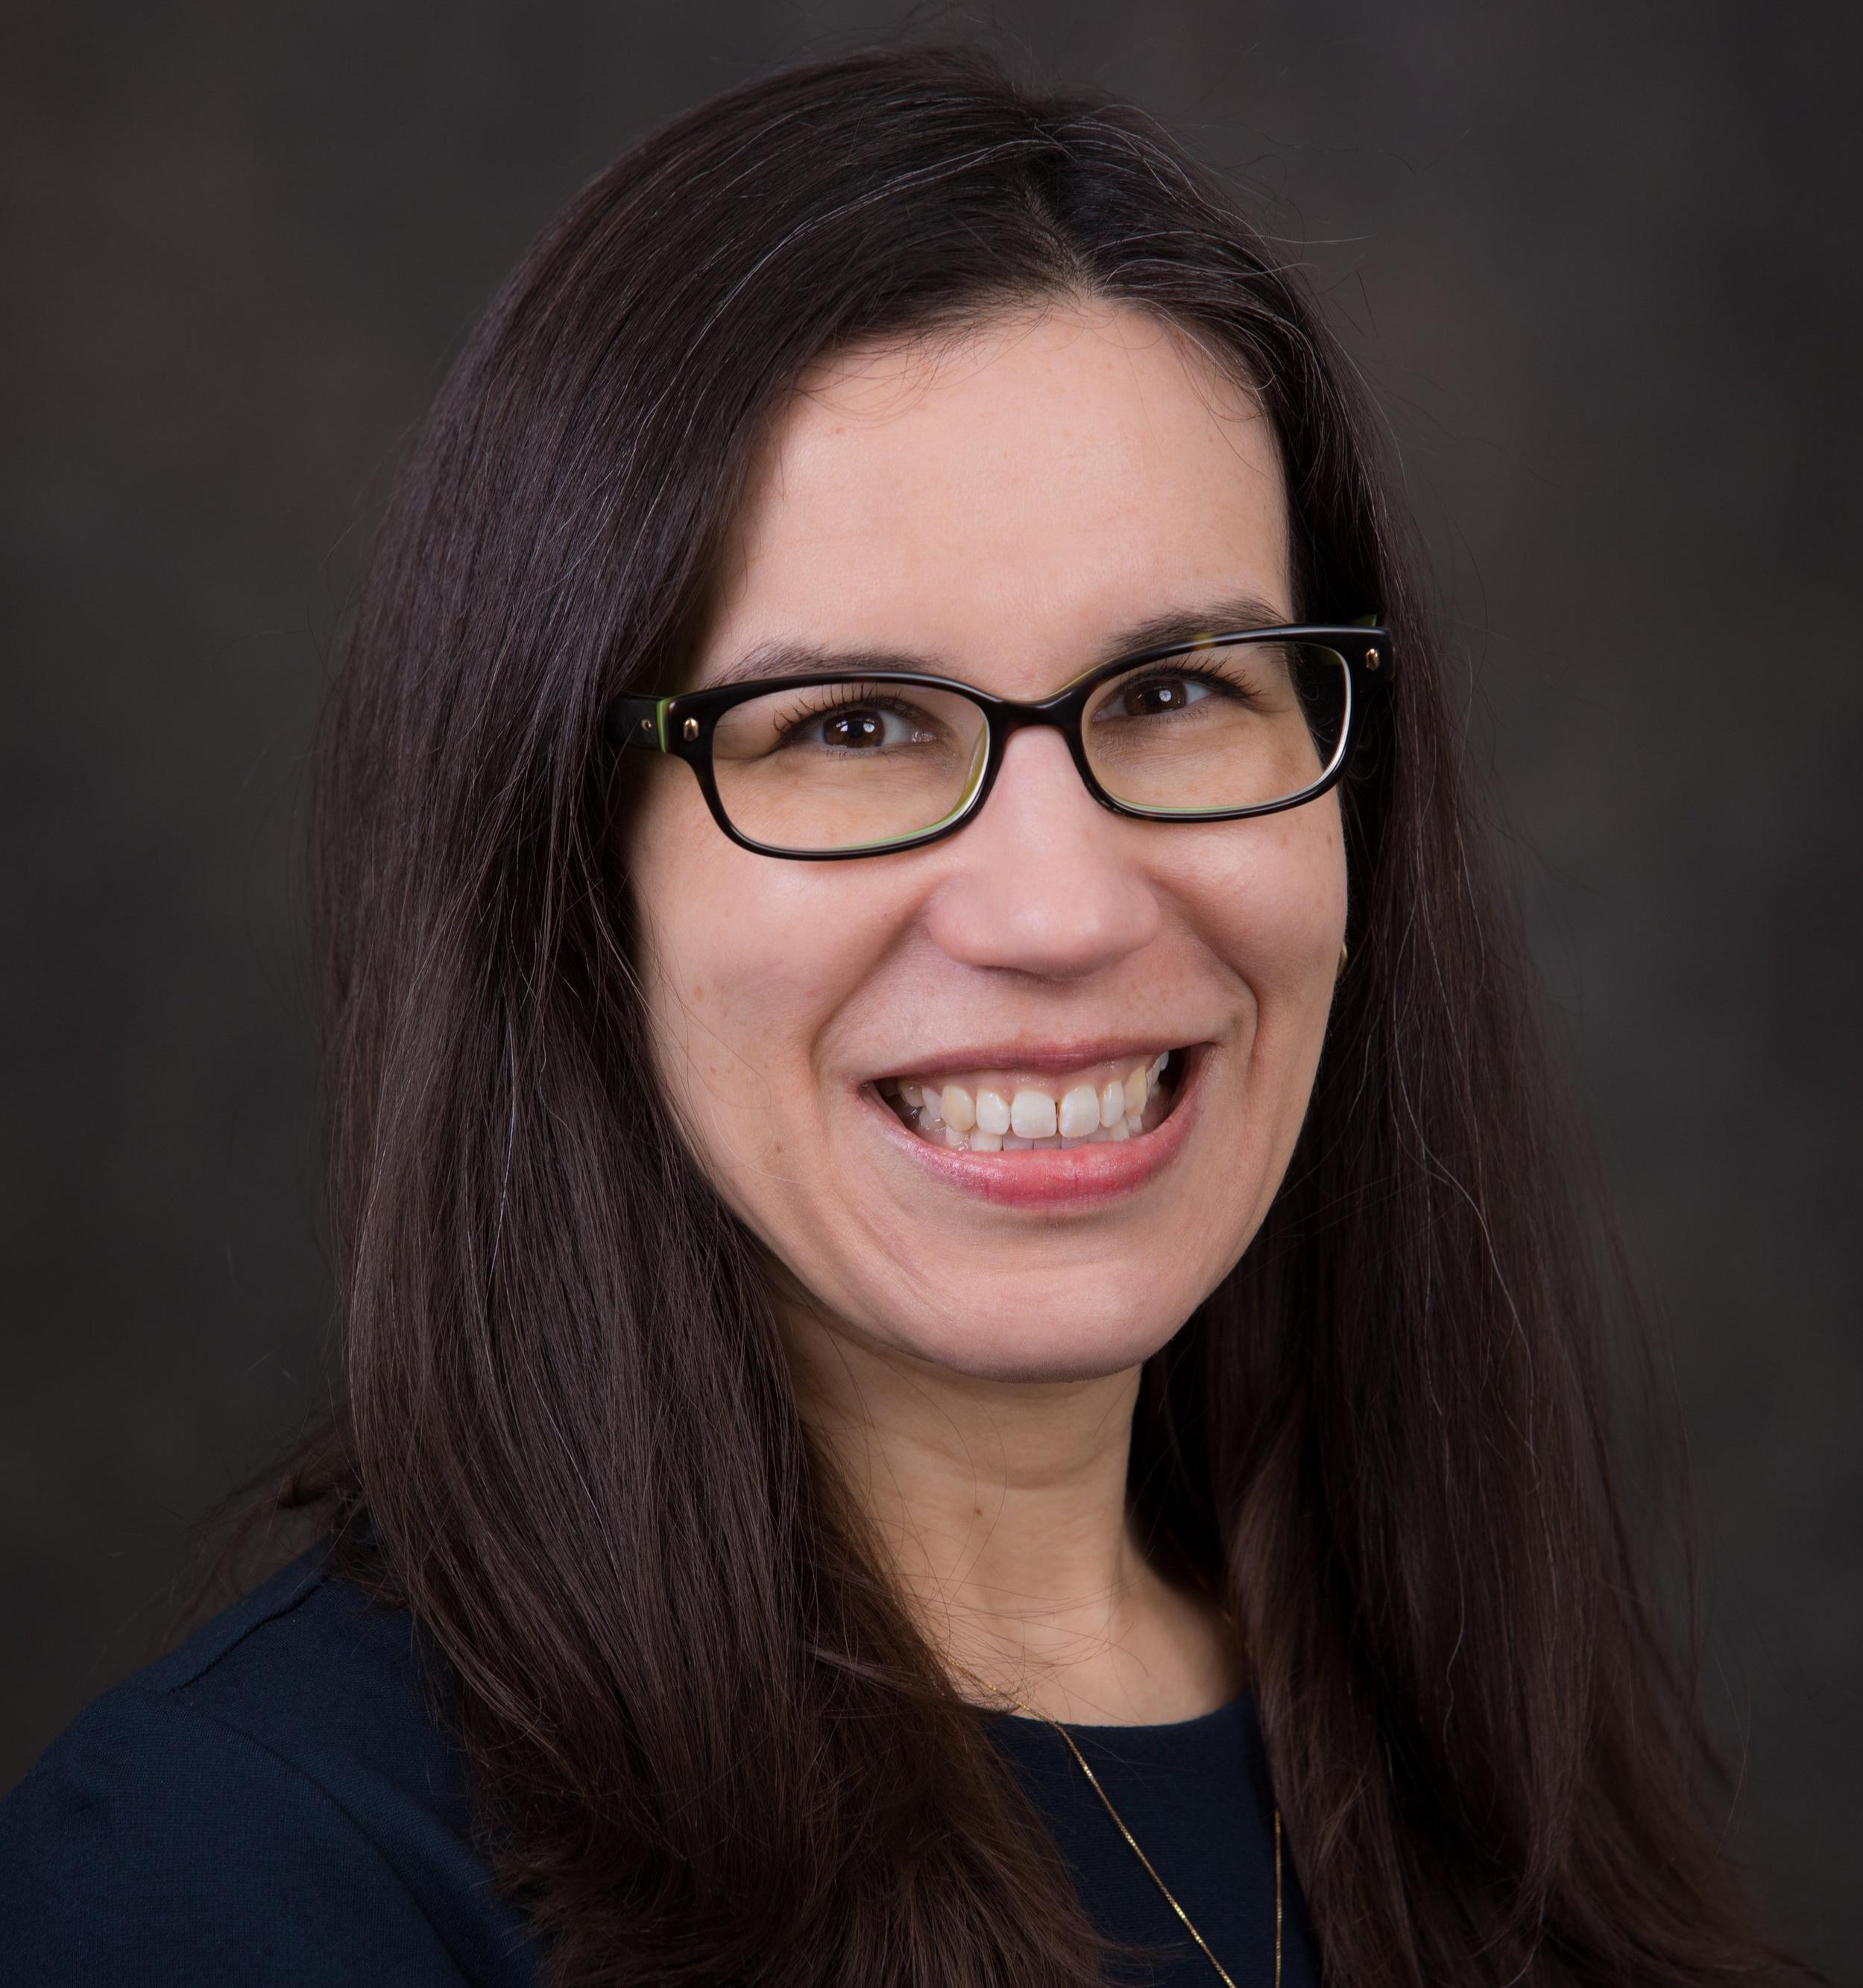 Special Guest Speaker - Dr. Lesley Hughes, UW/Platteville